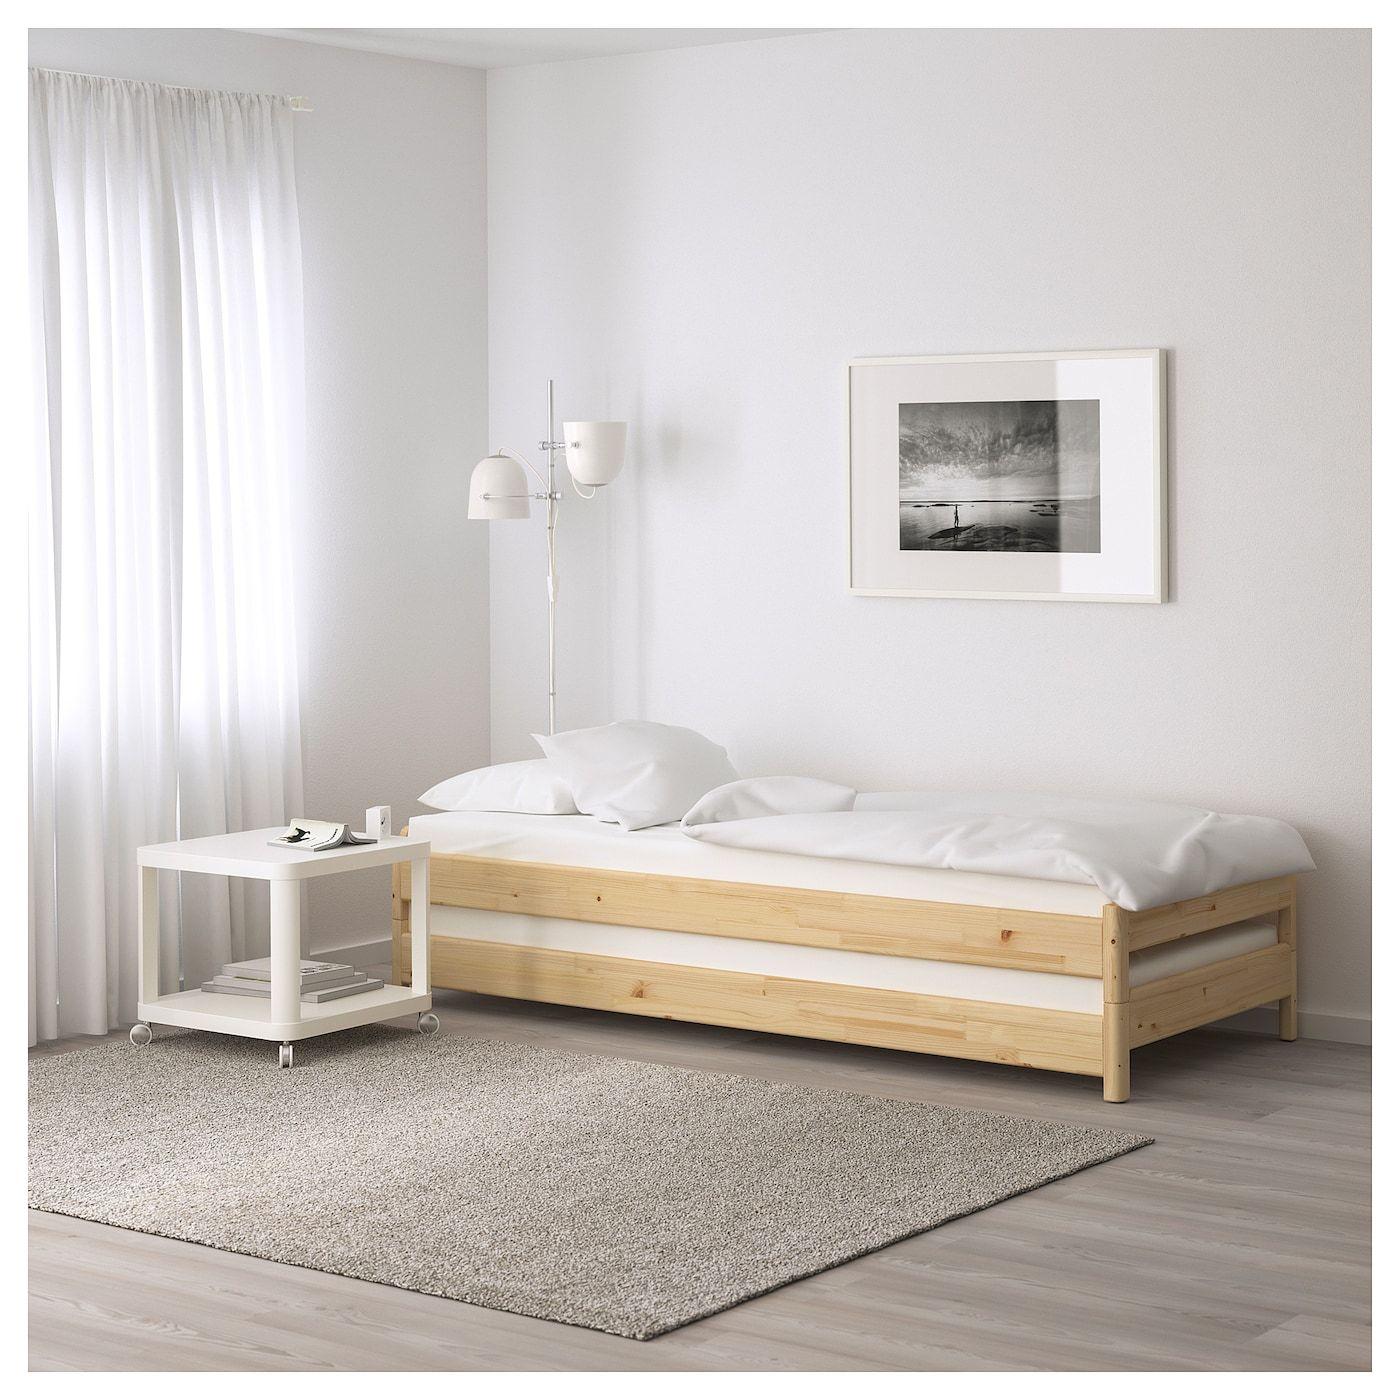 Full Size of Bett 80x200 Konfigurieren 140 X 200 160x200 Mit Lattenrost Minion Sonoma Eiche 140x200 Roba Ausklappbar Matratze Und Betten Outlet 90x200 überlänge Bett Bett 80x200